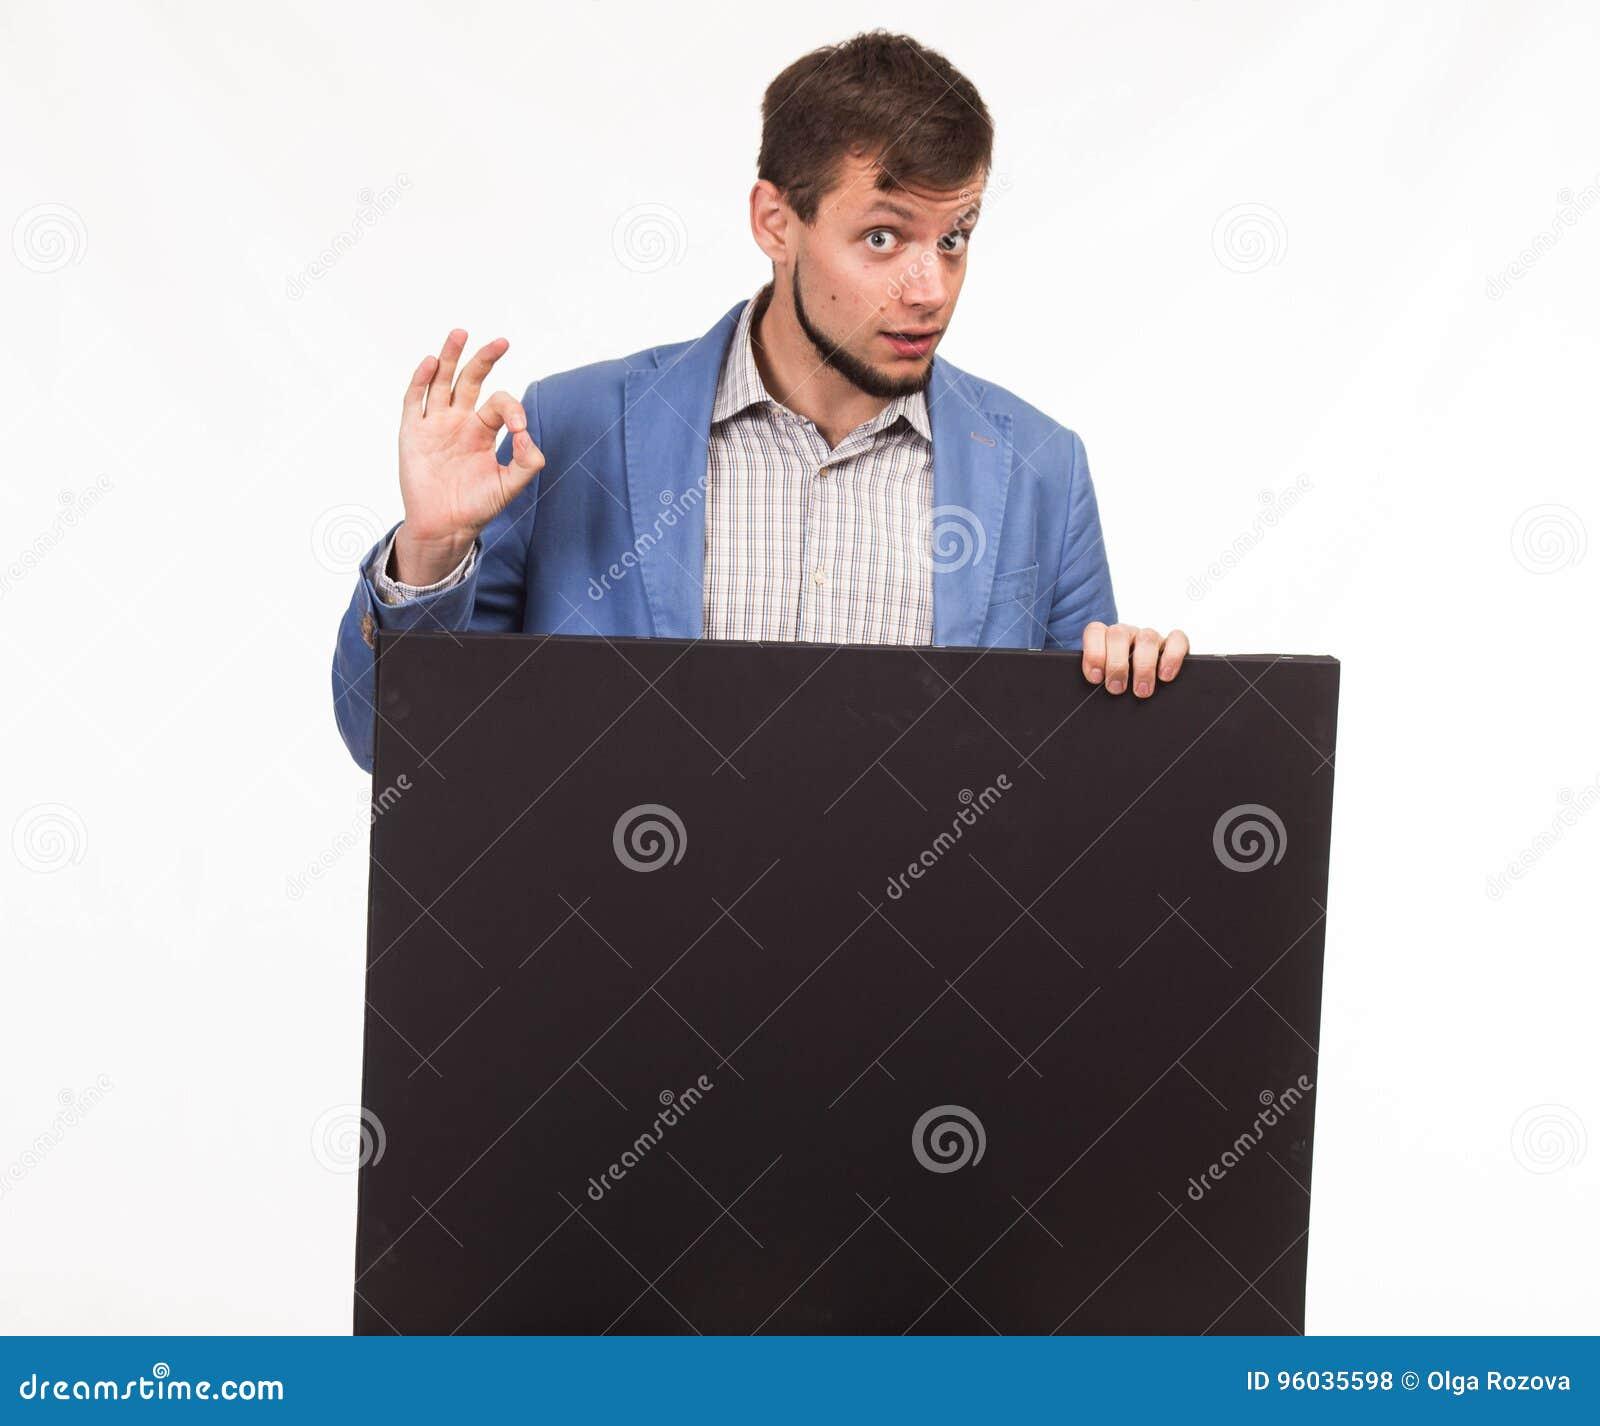 Młody ufny mężczyzna pokazuje prezentację, wskazuje na plakacie